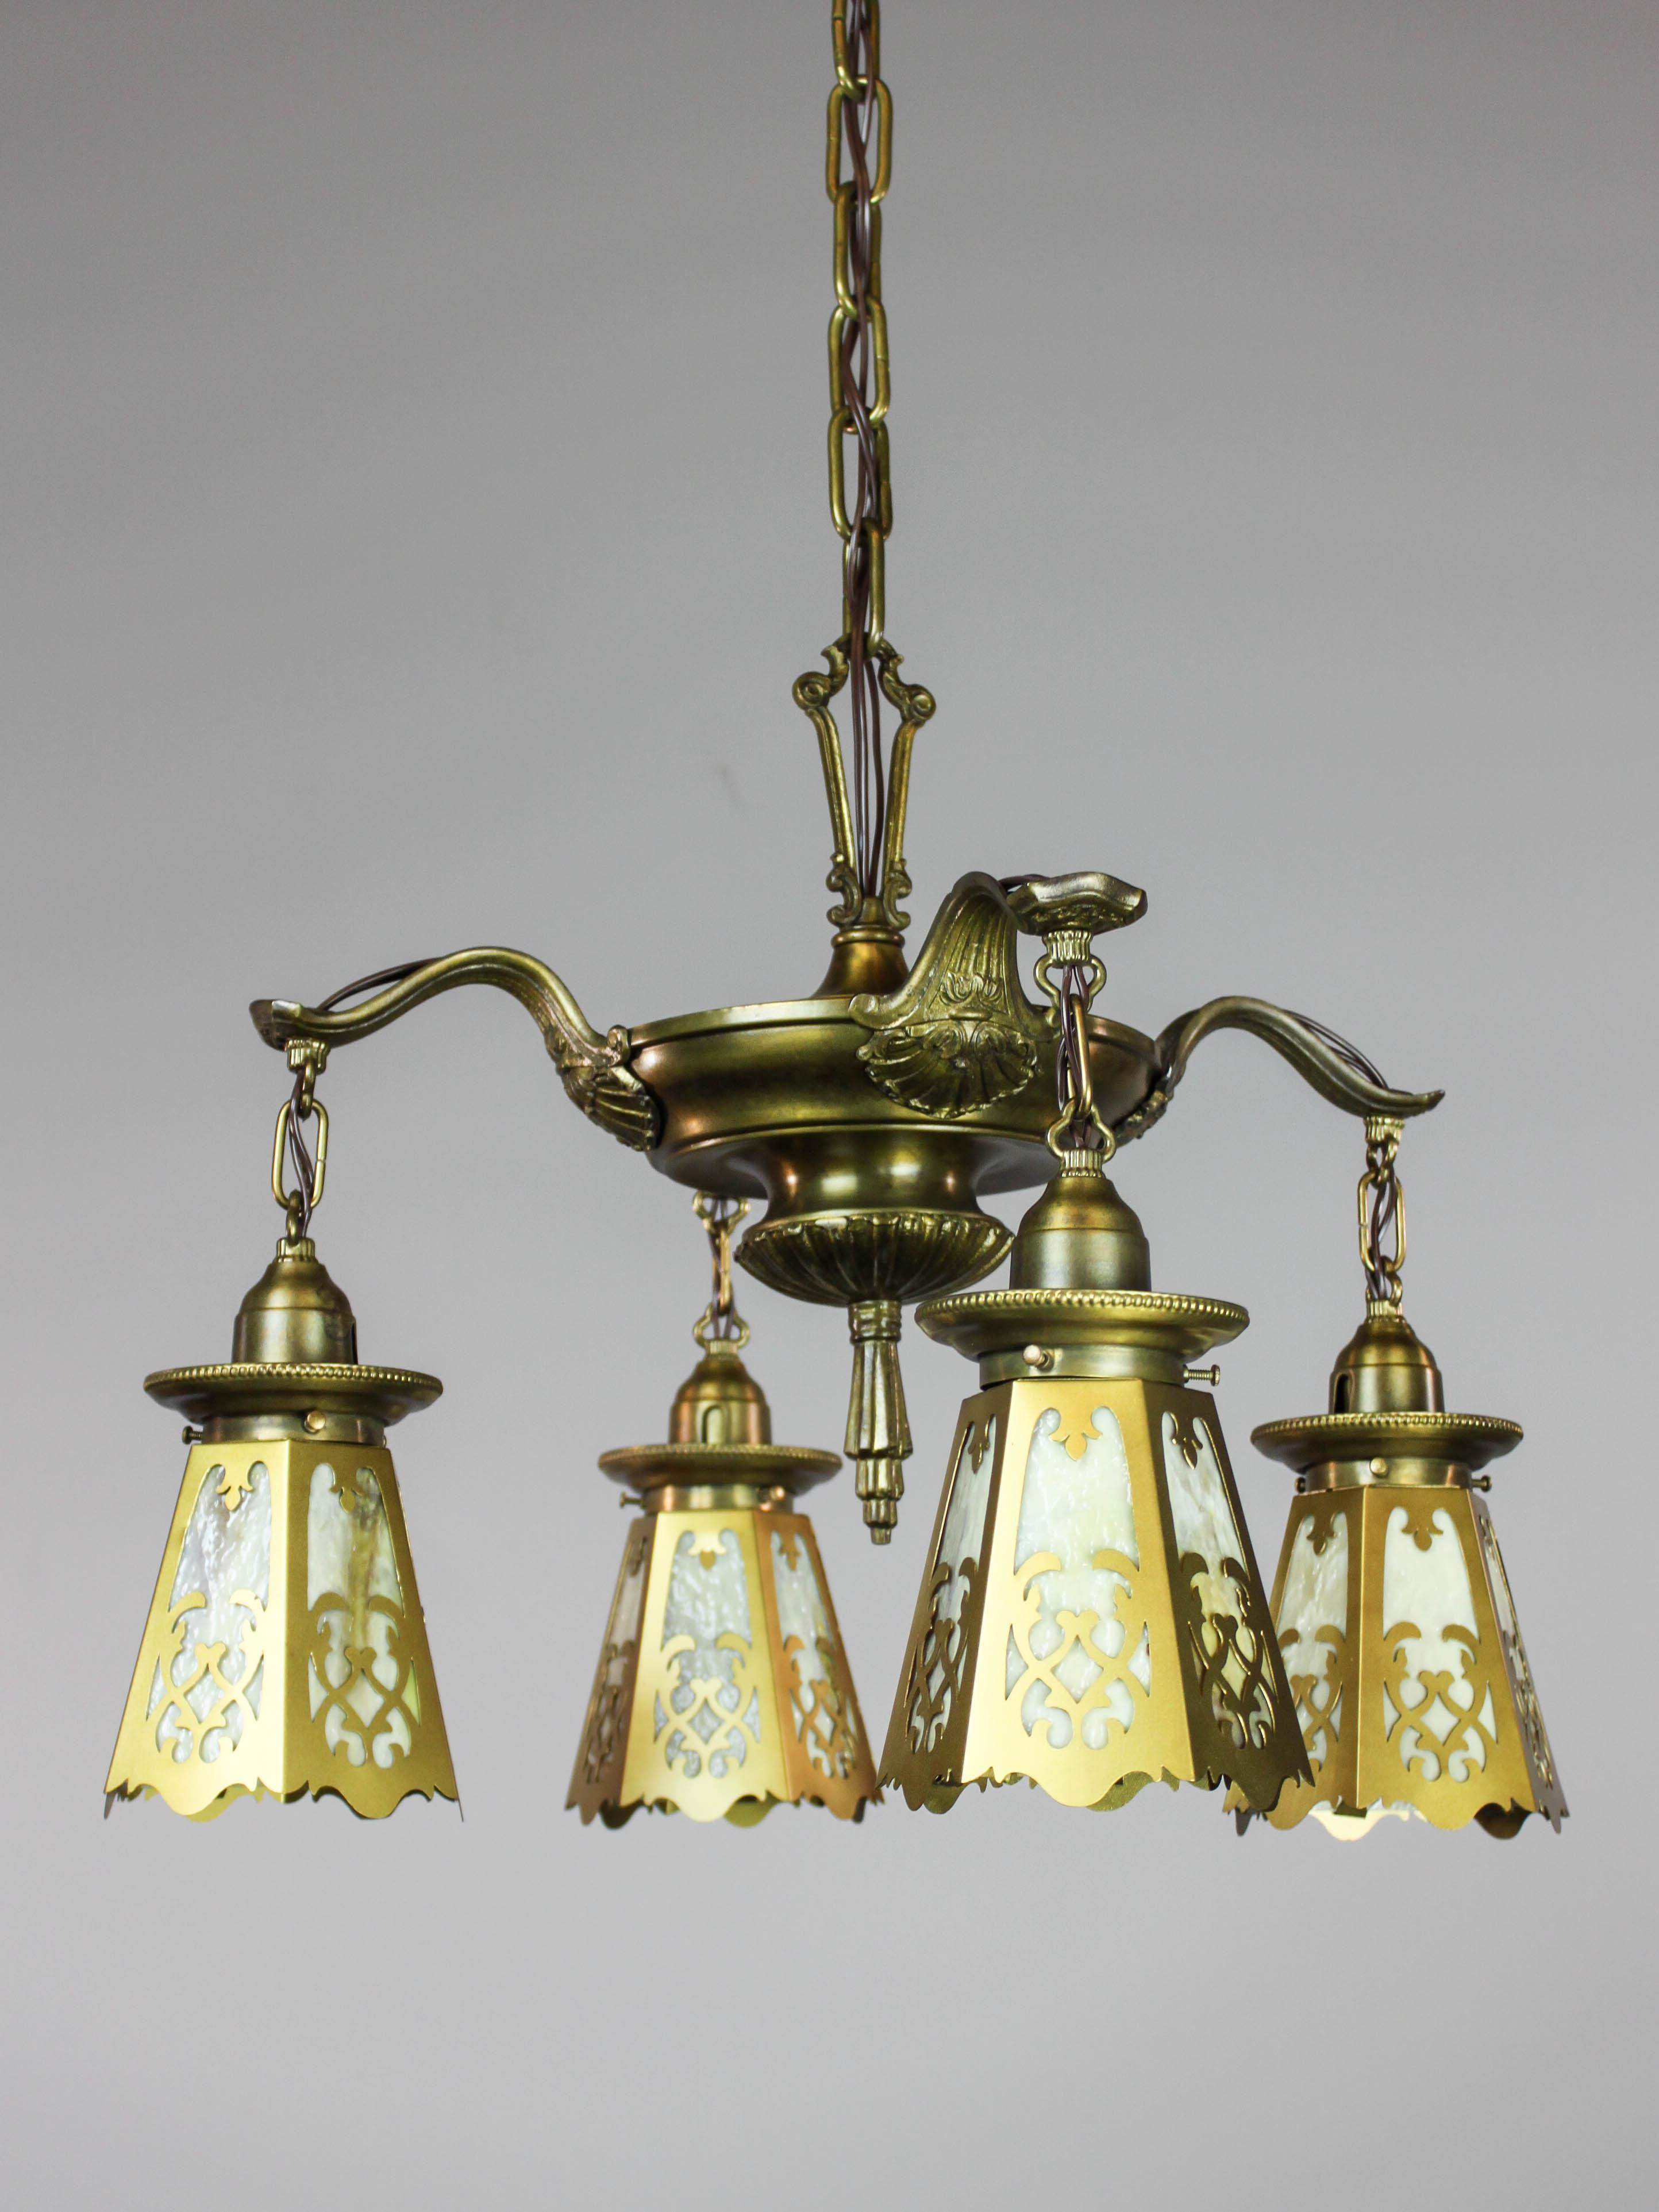 Antique Colonial Revival Pan Light Fixture 4